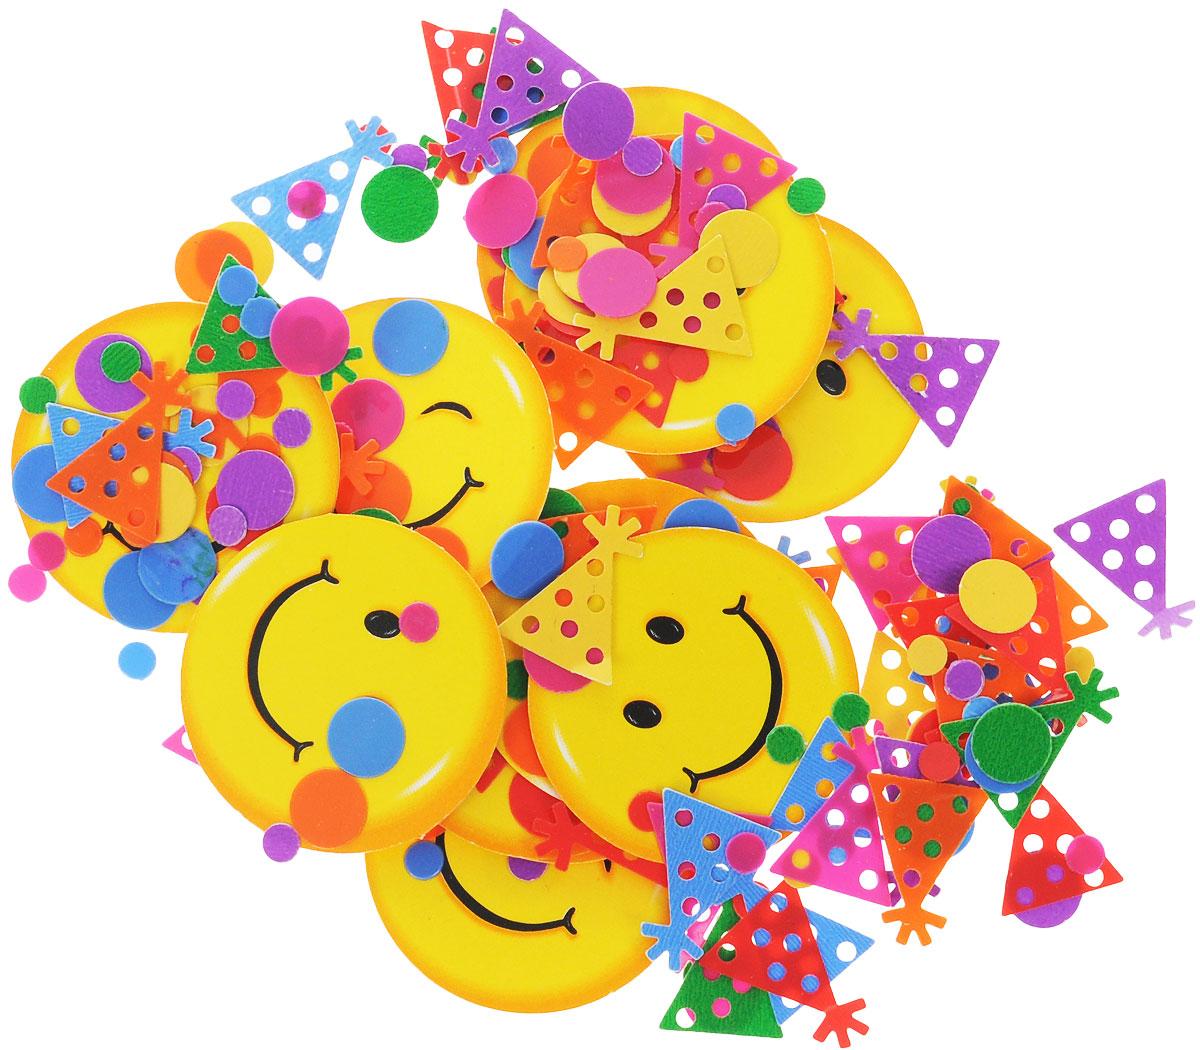 Веселая затея Конфетти Улыбки, 14 г1501-0218Конфетти Веселая затея Улыбки - неотъемлемый атрибут праздников, триумфальных шествий, а также свадебных торжеств. Выполнено из прочного материала в форме веселых смайликов и различных разноцветных мелких фигурок. Конфетти осыпают друг друга участники празднеств или его сбрасывают сверху. Конфетти, рассыпанное на столе, является необычной и привлекательной формой украшения праздничного застолья. Еще один оригинальный способ порадовать друзей и близких - насыпьте конфетти в конверт с открыткой - это будет неожиданный сюрприз! Это чудесное украшение принесет в ваш дом или офис незабываемую атмосферу праздничного веселья!